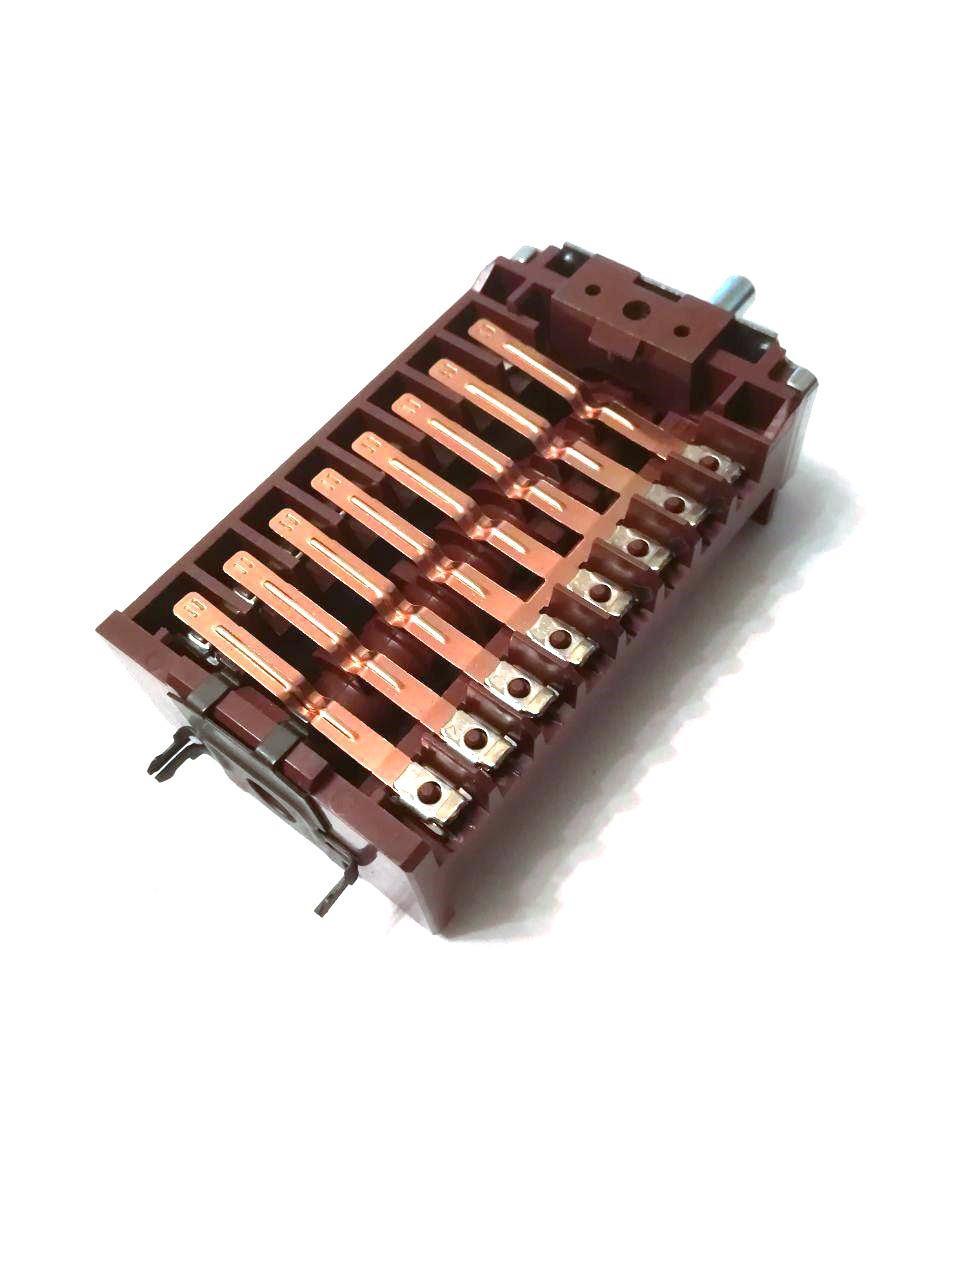 Переключатель11-ти позиционный ПМ 42.003000.009 для электроплит и духовок / EGO / Германия